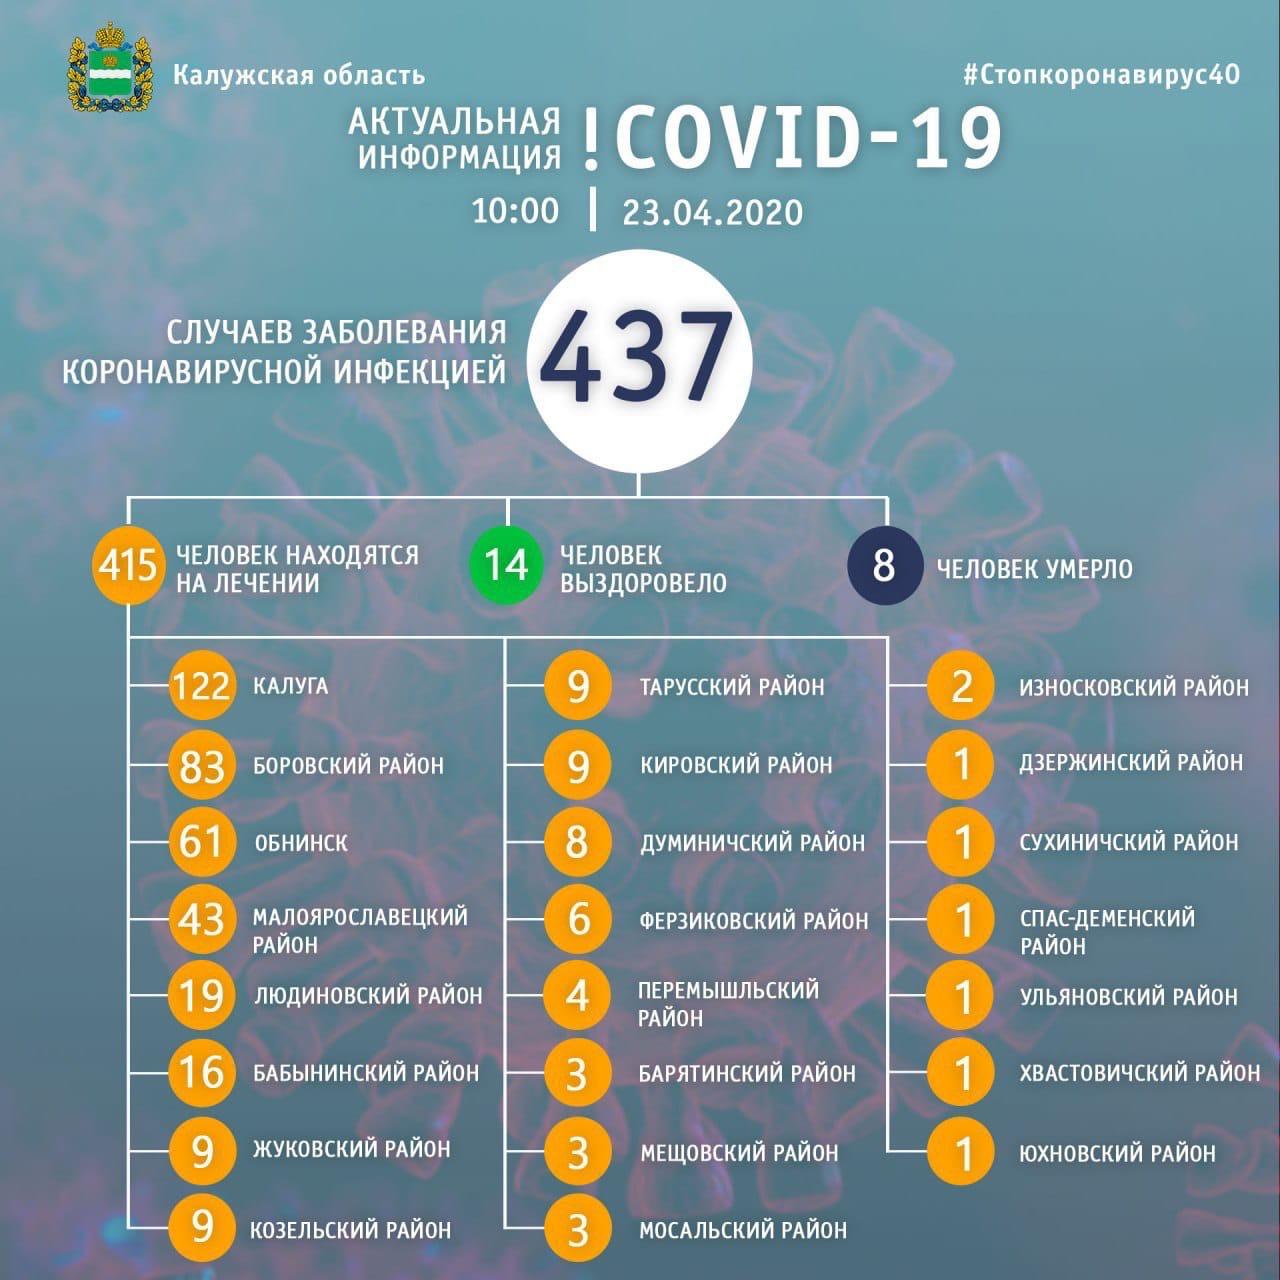 В четверг число заболевших коронавирусной инфекцией в Калужской области возросло до 437